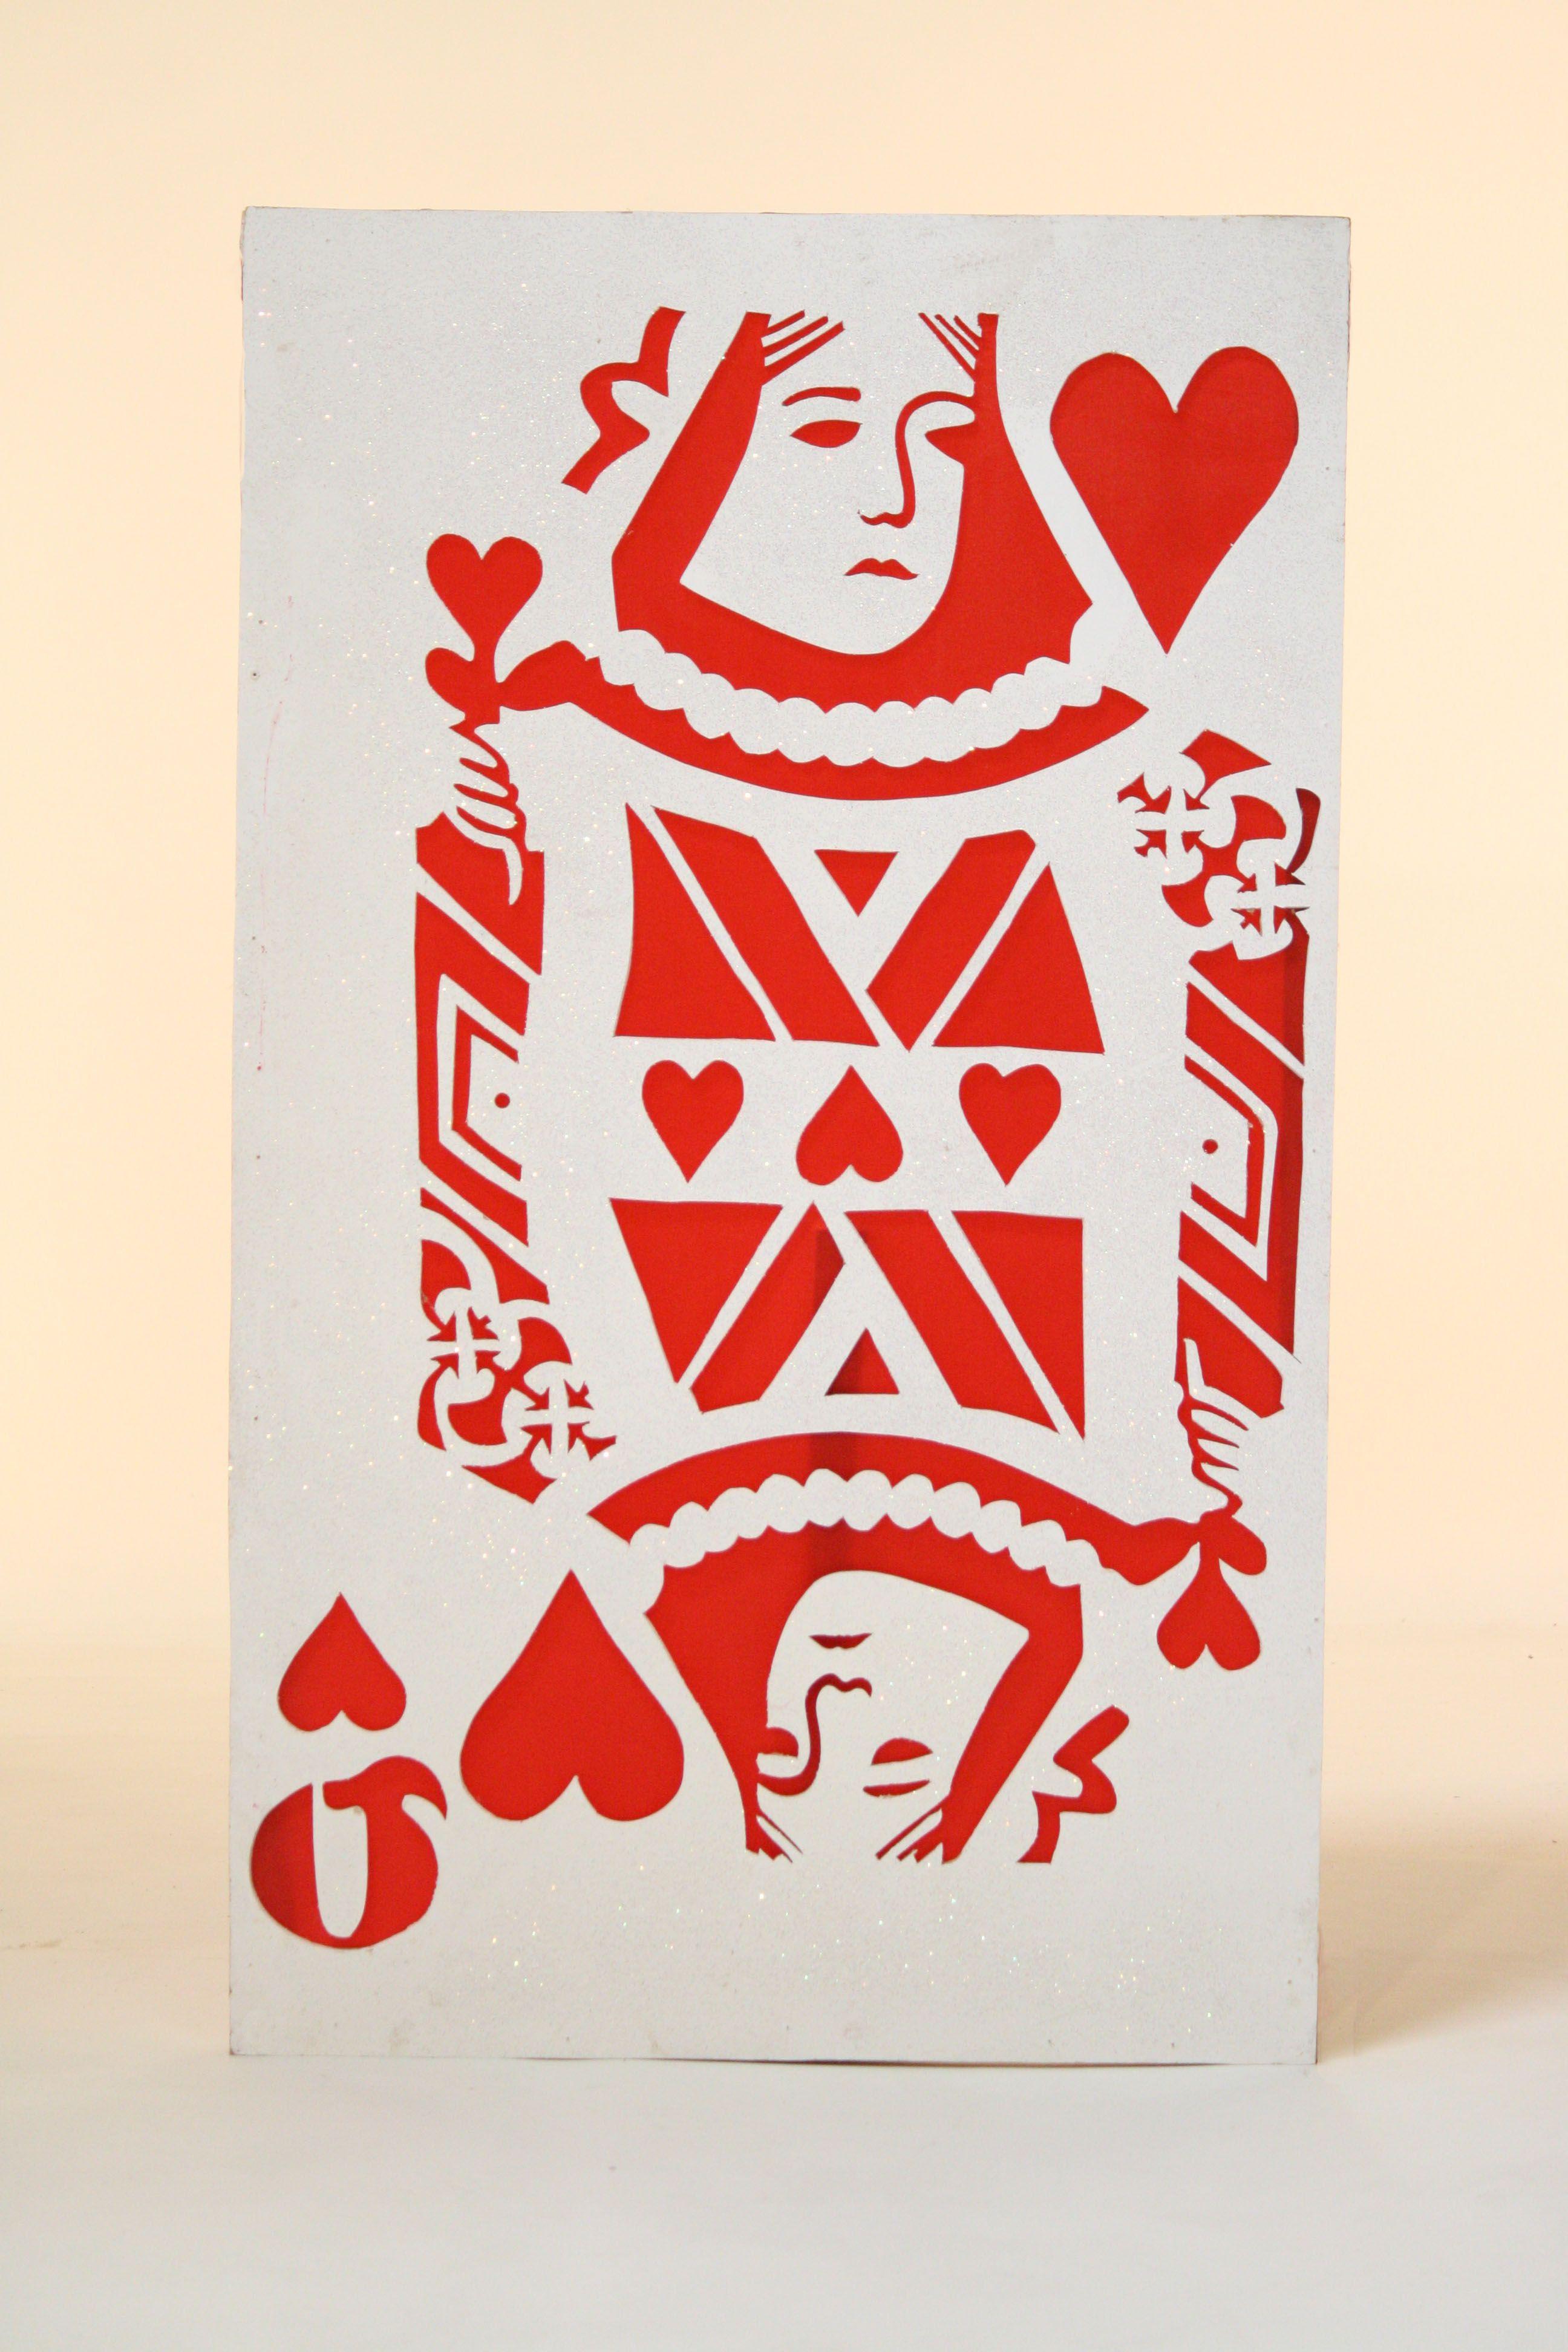 Photo prop idea queenofhearts queen of hearts card